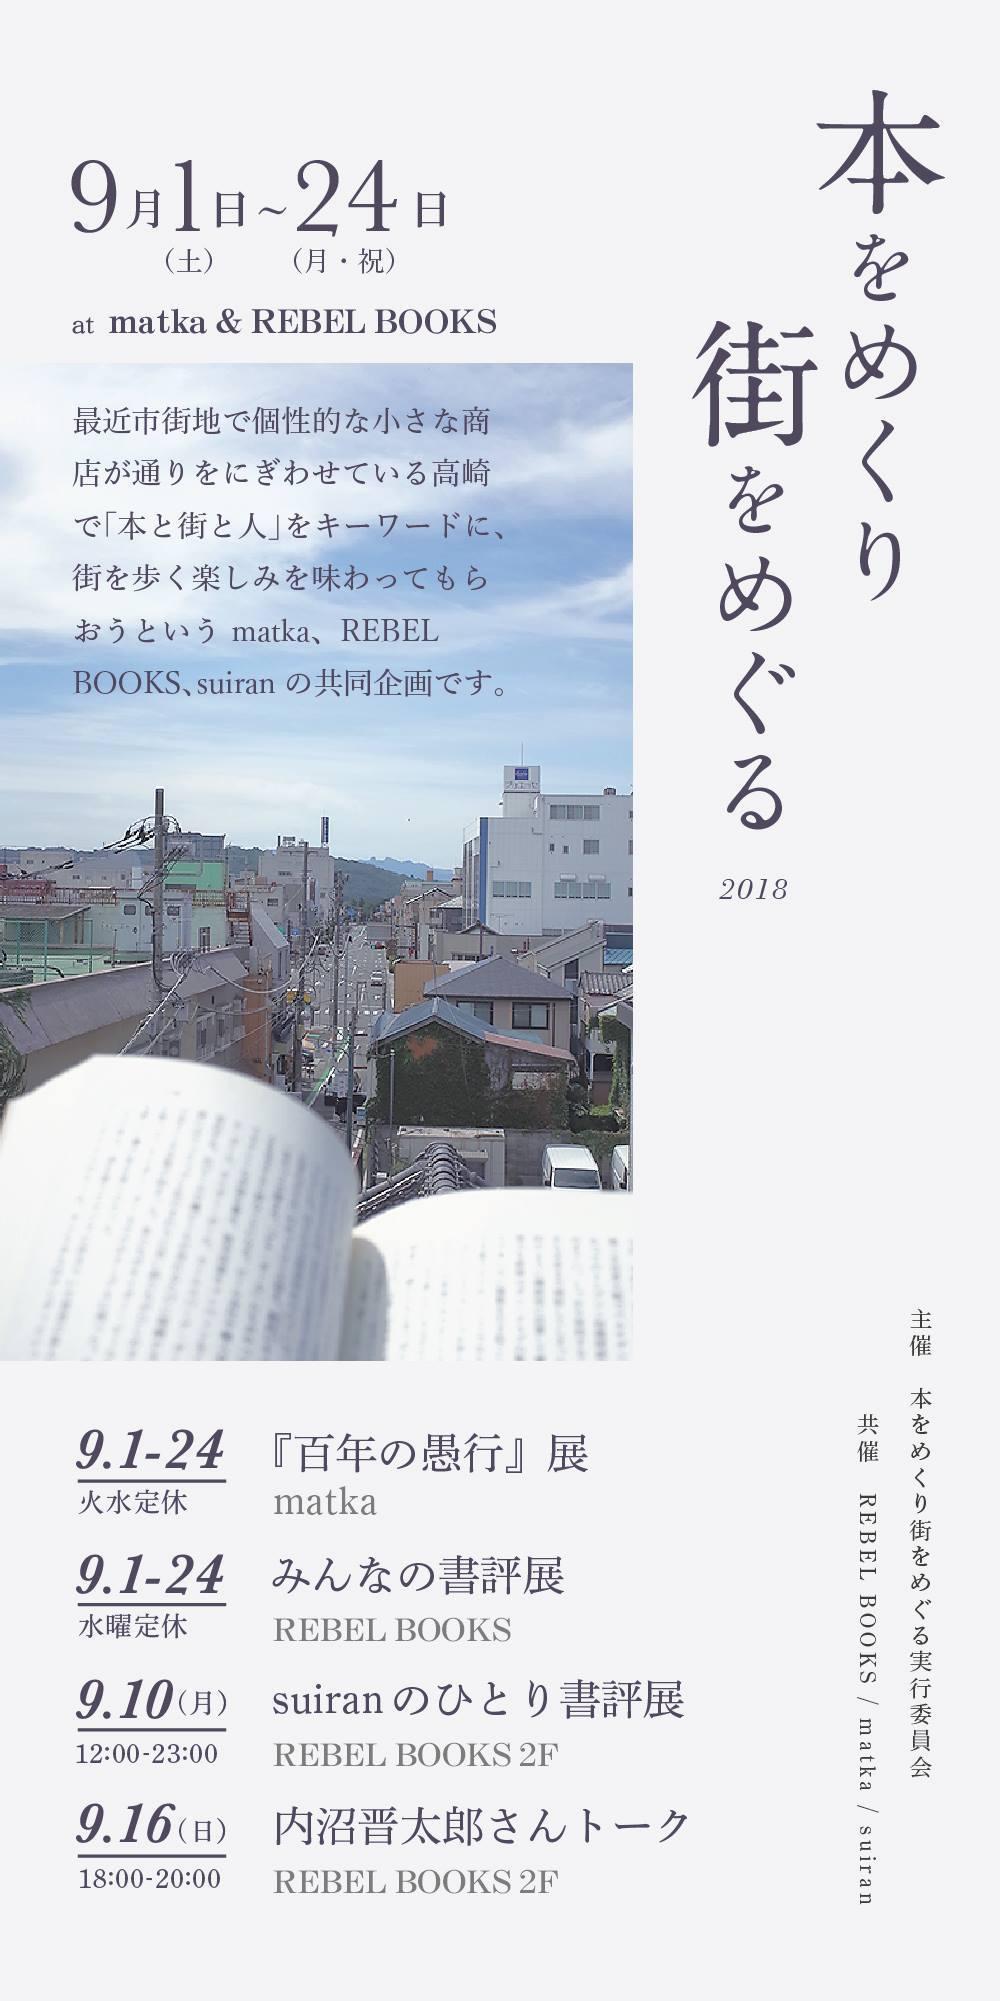 「本をめくり街をめぐる」今年も開催します。_e0200305_18454545.jpg